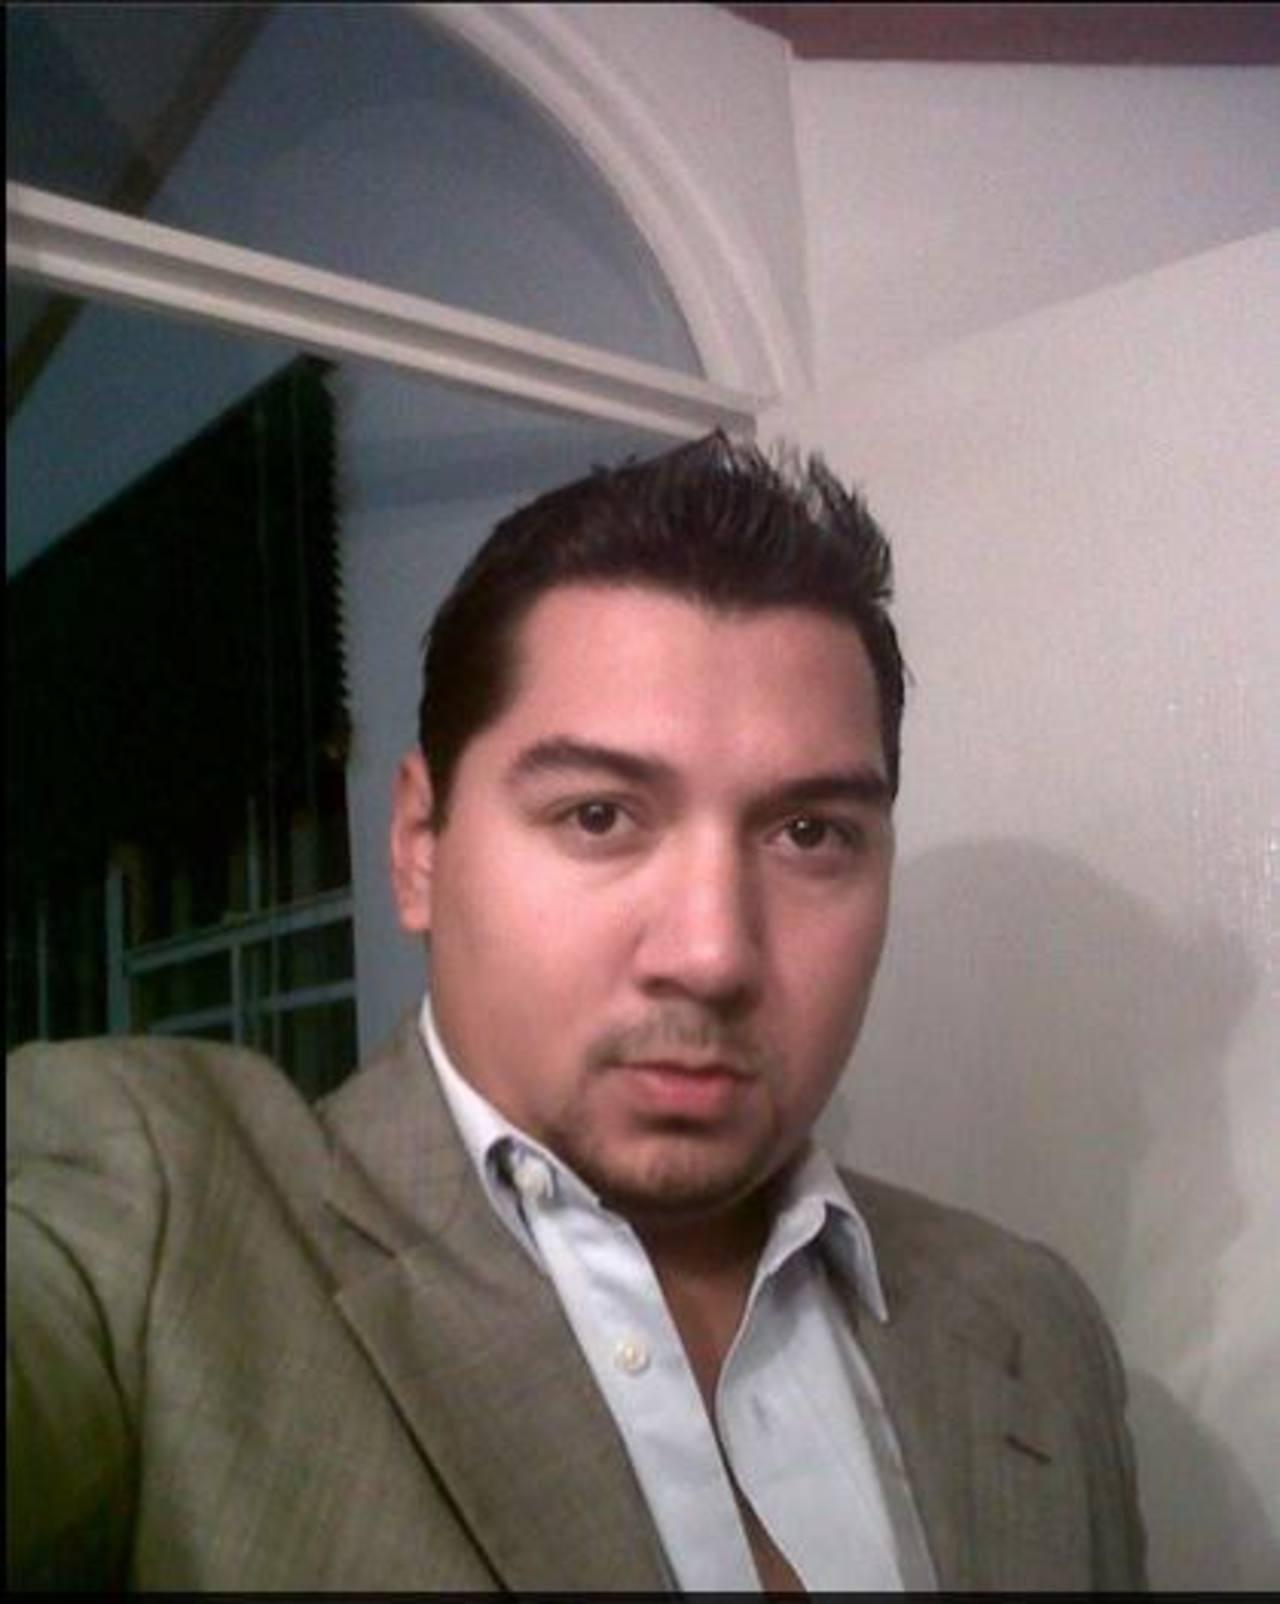 Nelson Alejandro Mena Rivas, 27 años, fue asesinado la noche del miércoles anterior frente a una comunidad de la colonia Zacamil, en Mejicanos. Foto EDH/Tomada DE cuenta de Facebook de la víctima.El cadáver de Nelson Orlando fue retirado del Institut